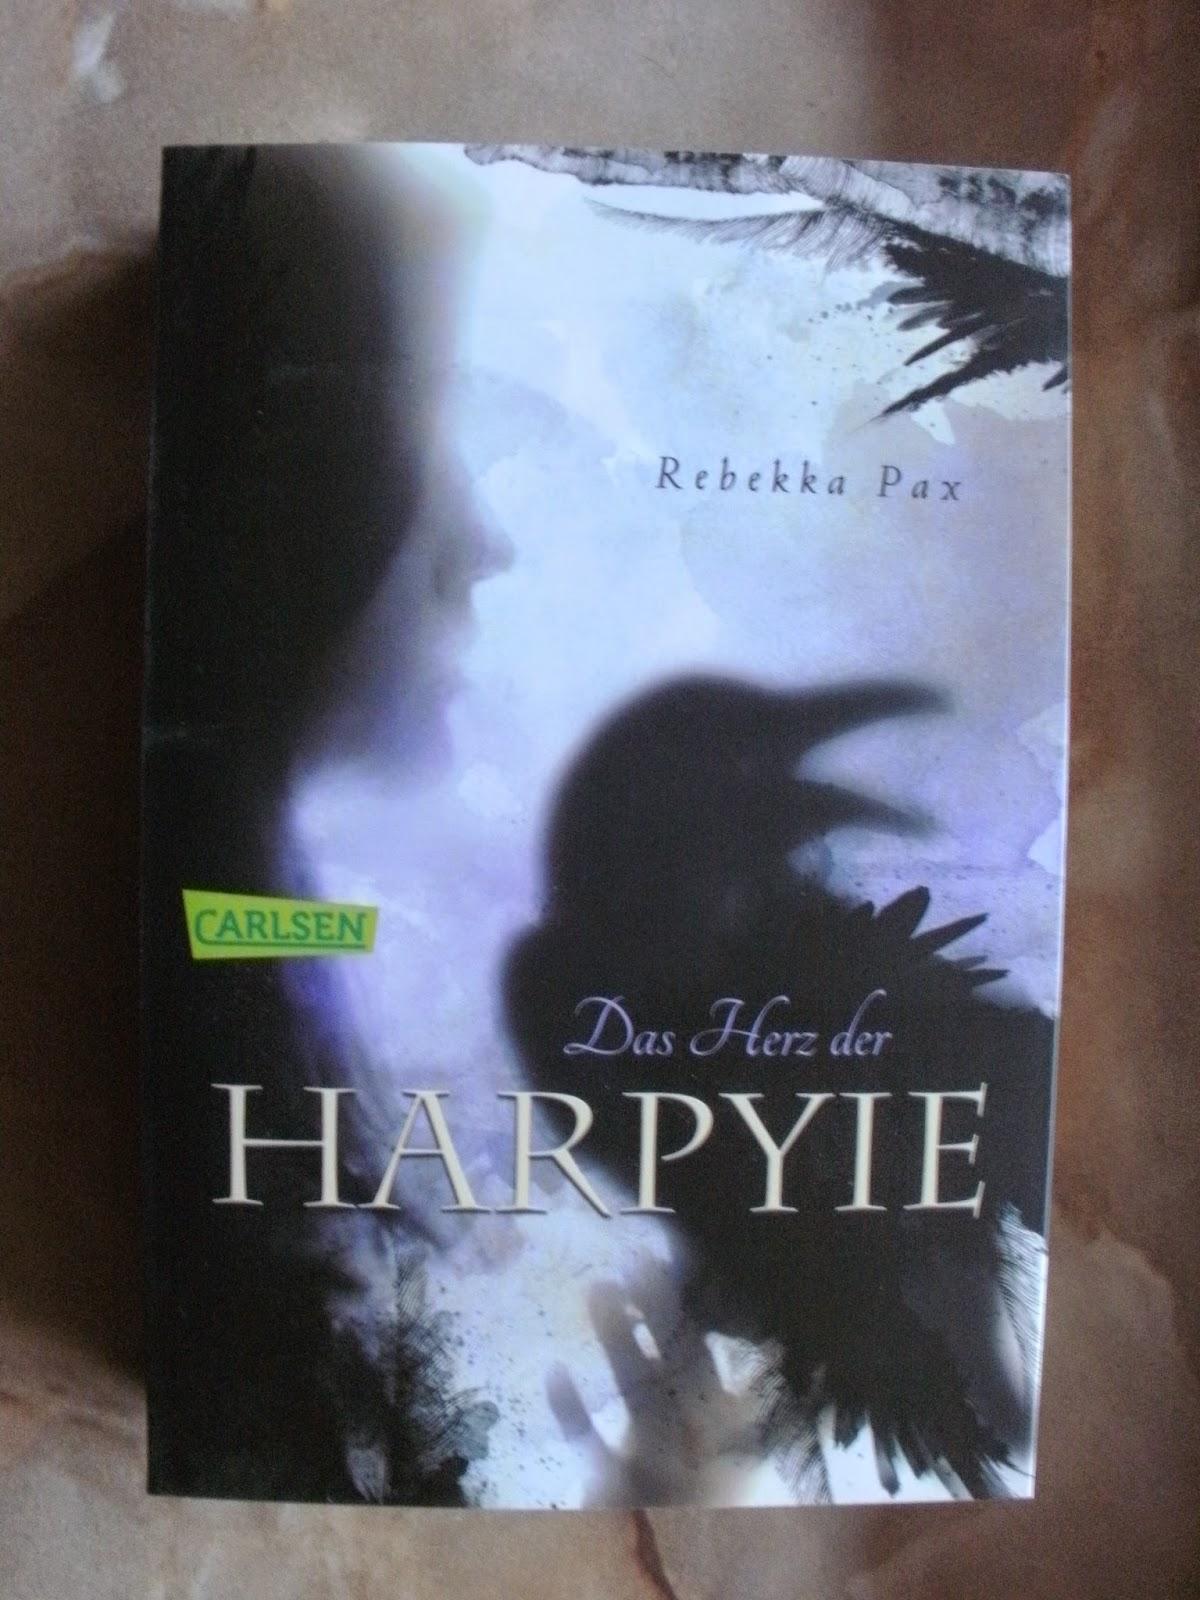 http://www.amazon.de/Das-Herz-Harpyie-Rebekka-Pax/dp/3551313628/ref=sr_1_1?s=books&ie=UTF8&qid=1426421507&sr=1-1&keywords=das+herz+der+harpyie